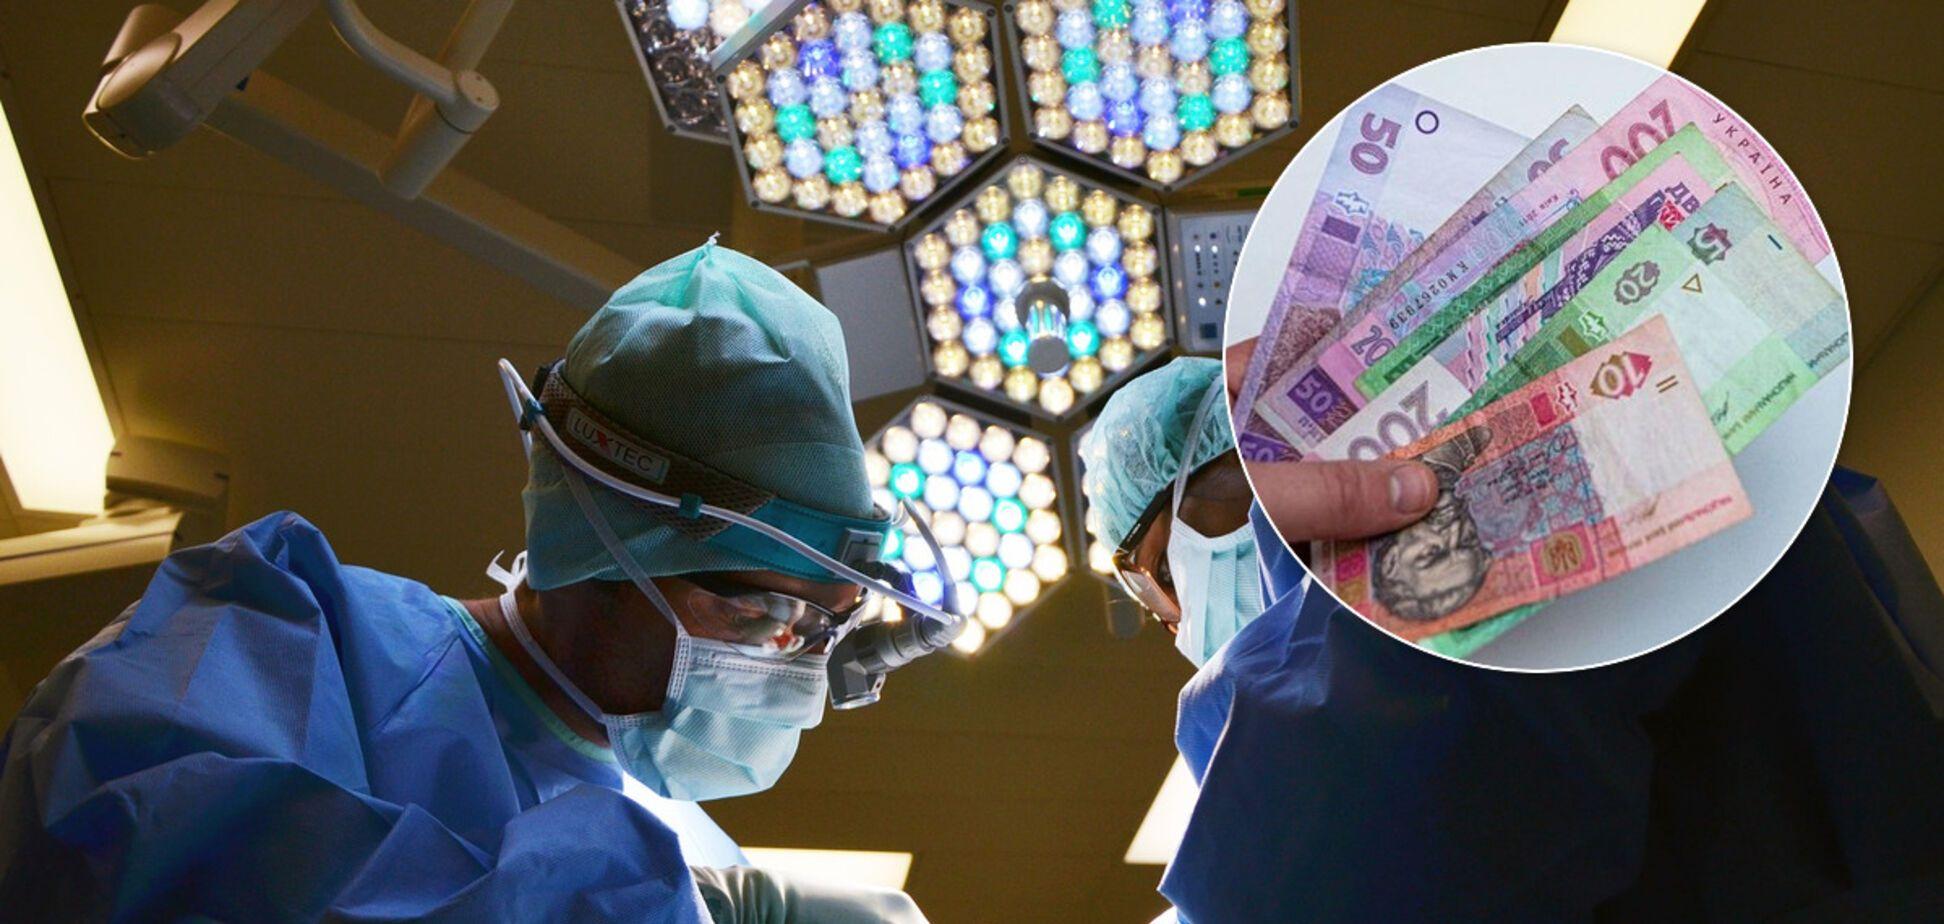 Скільки коштує життя українських медиків? Надбавку за COVID-19 налічують похвилинно, а грошей немає навіть на колишню зарплату